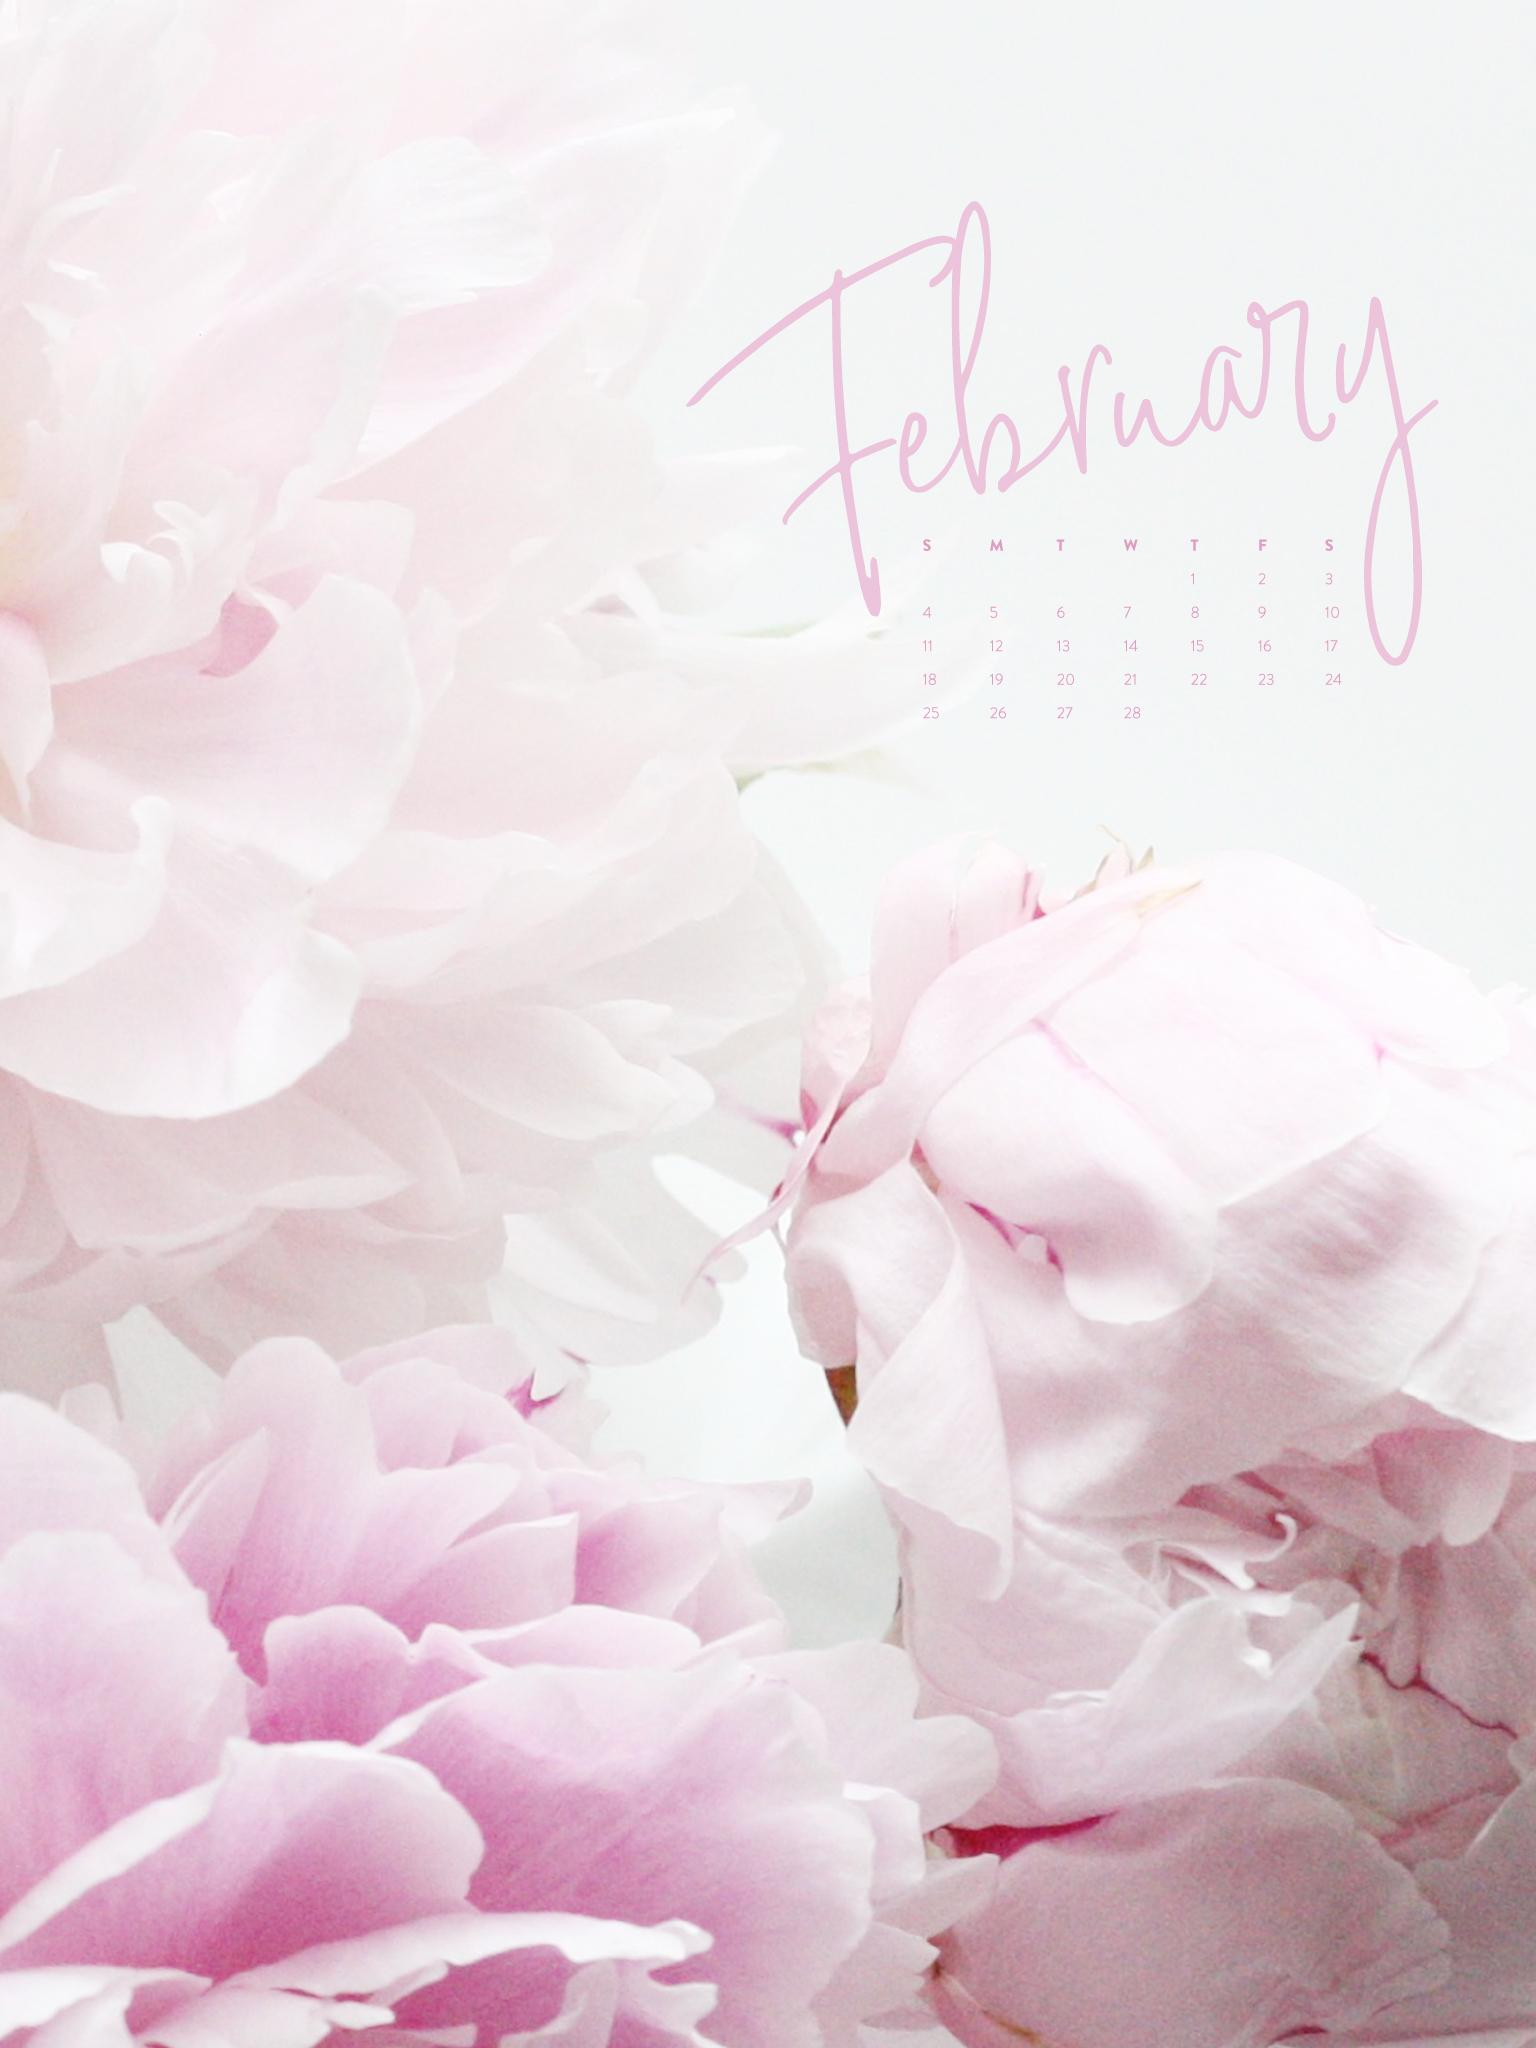 Cute Dating Phone Wallpaper Wallpapers Ashlee Proffitt